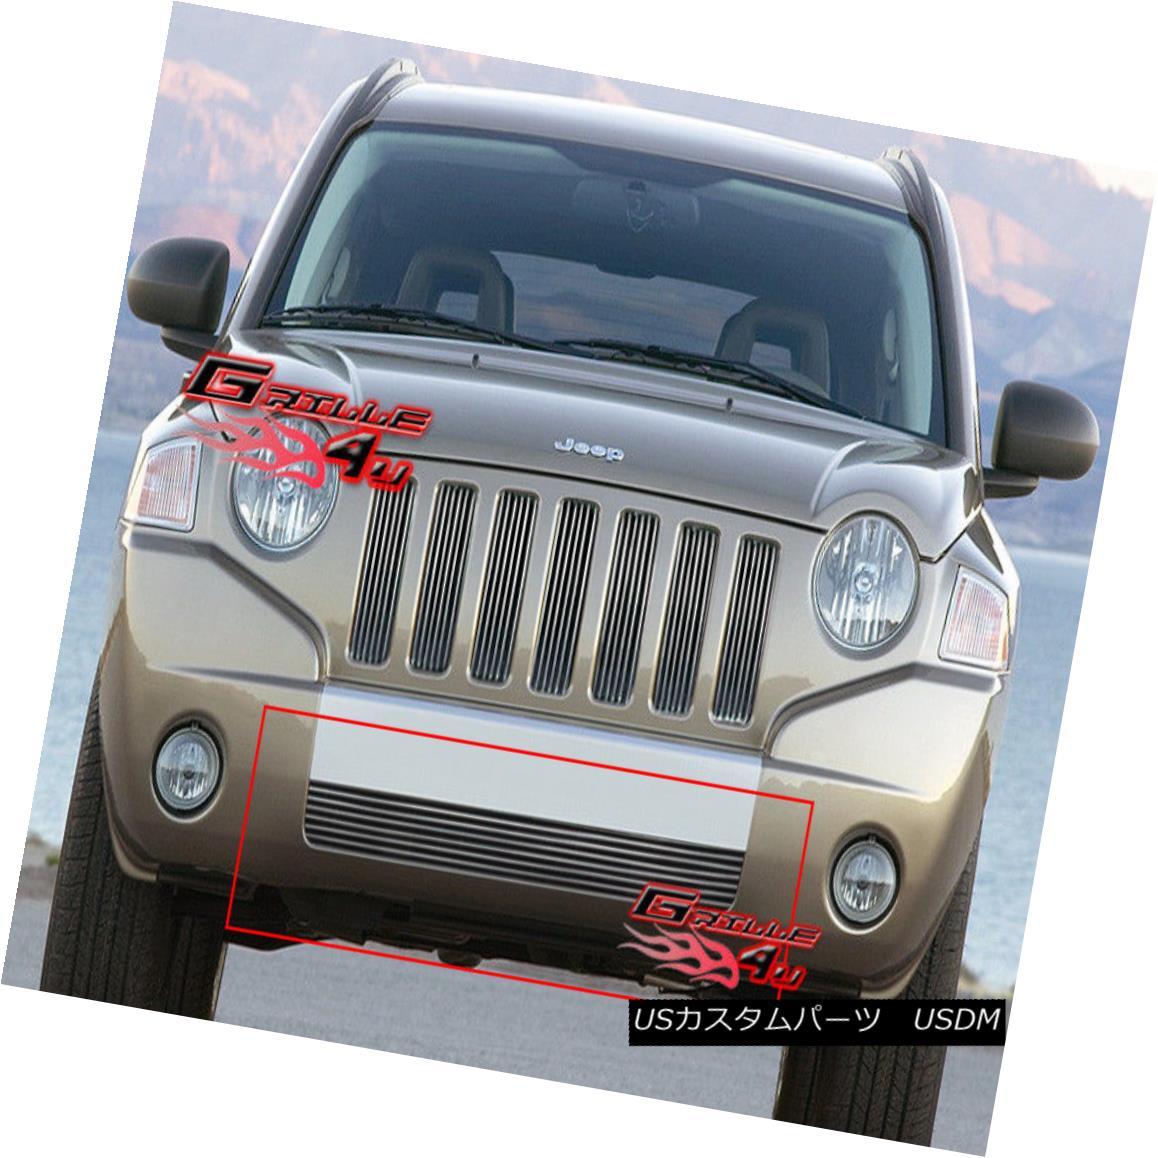 グリル Fits 06-10 Jeep Compass Lower Bumper Billet Grille Insert フィット06-10ジープコンパスロワーバンパービレットグリルインサート